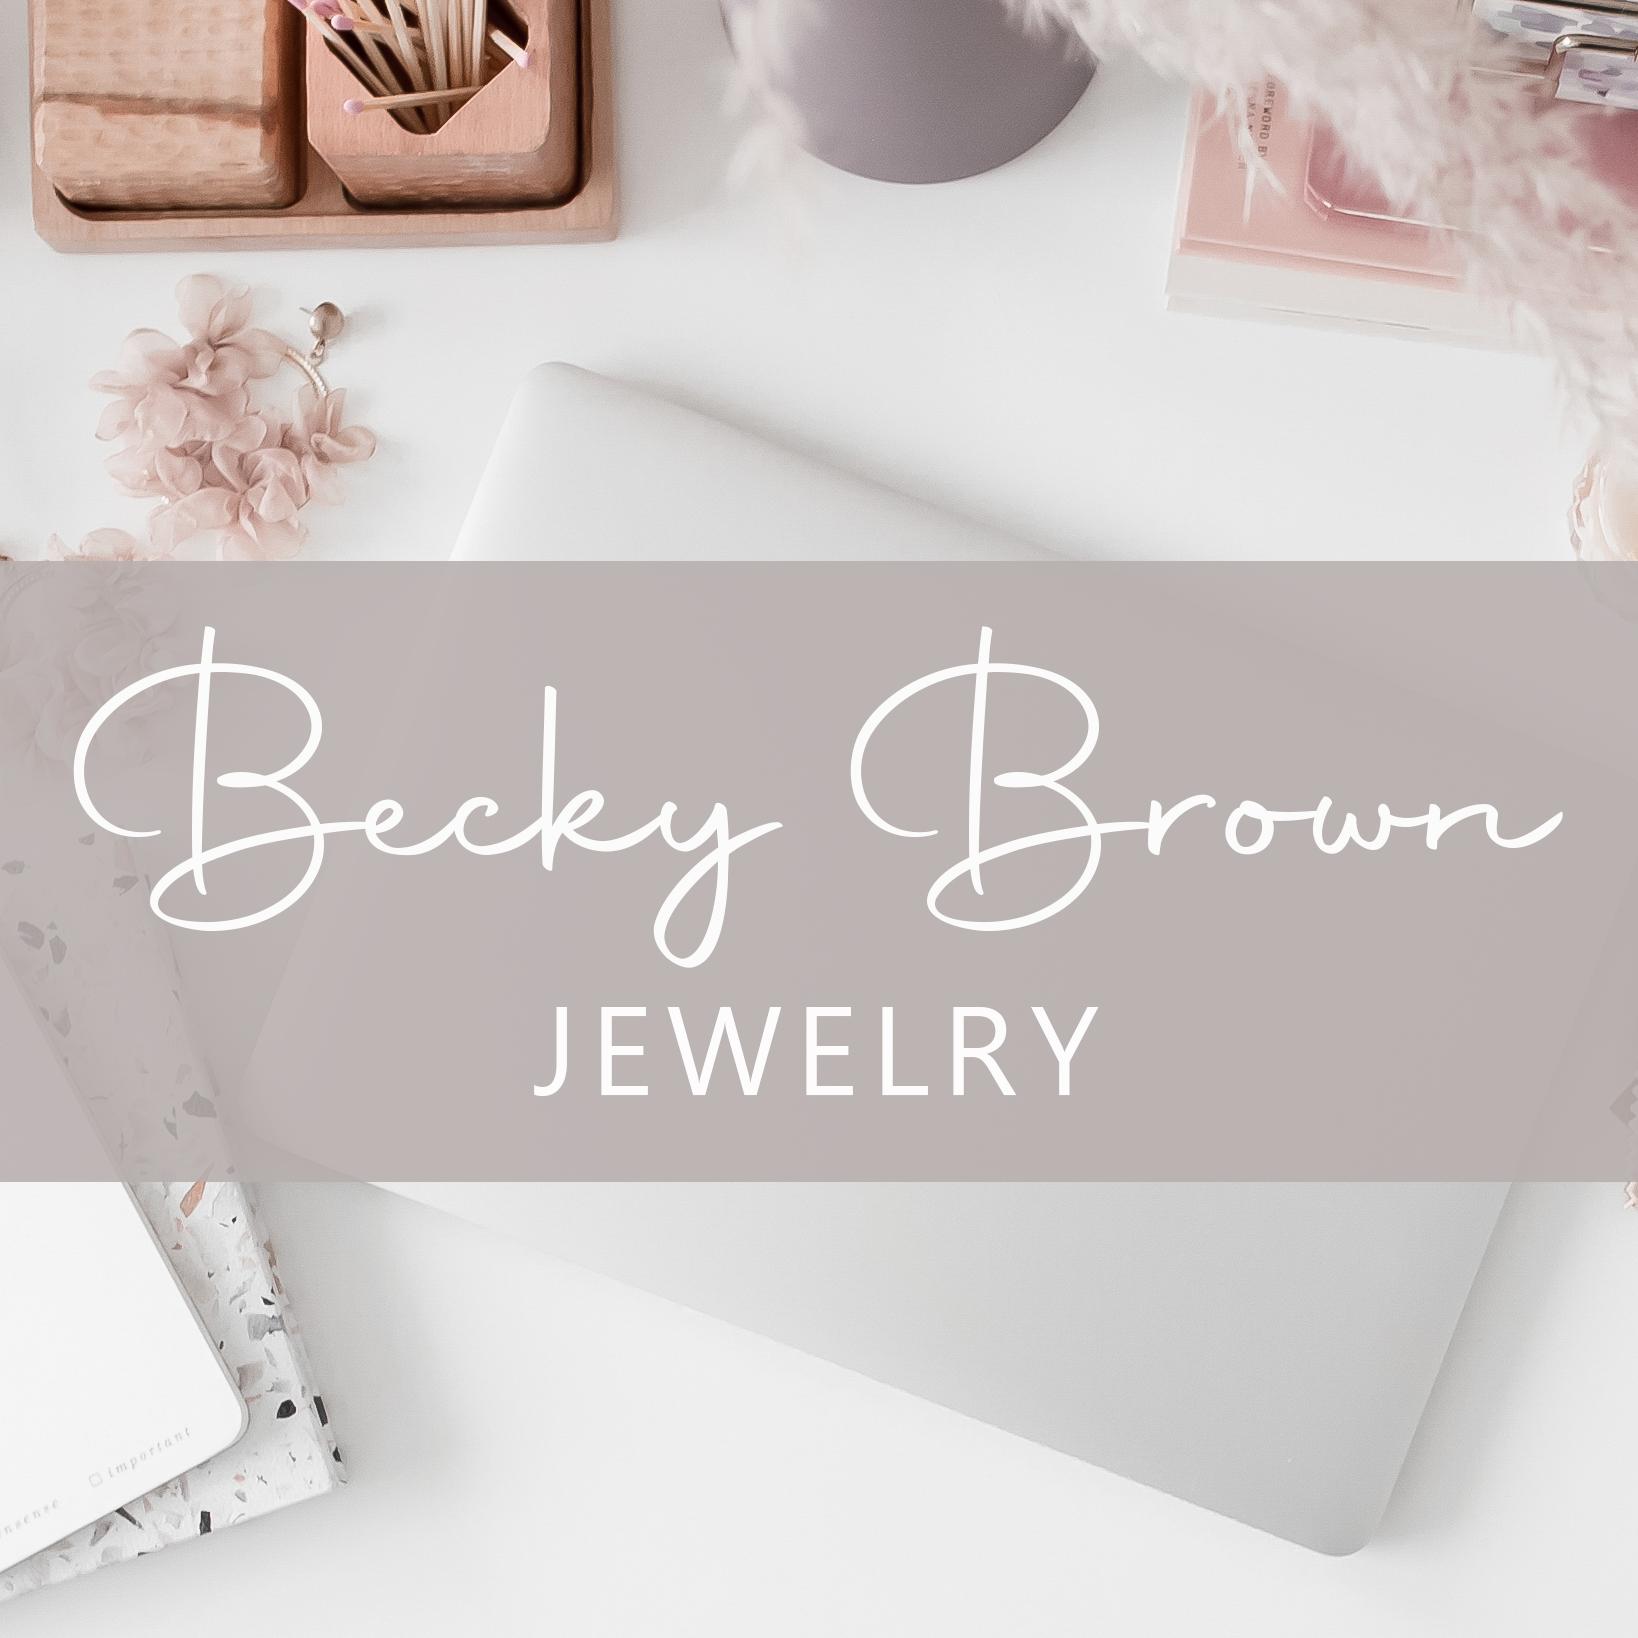 Becky Font